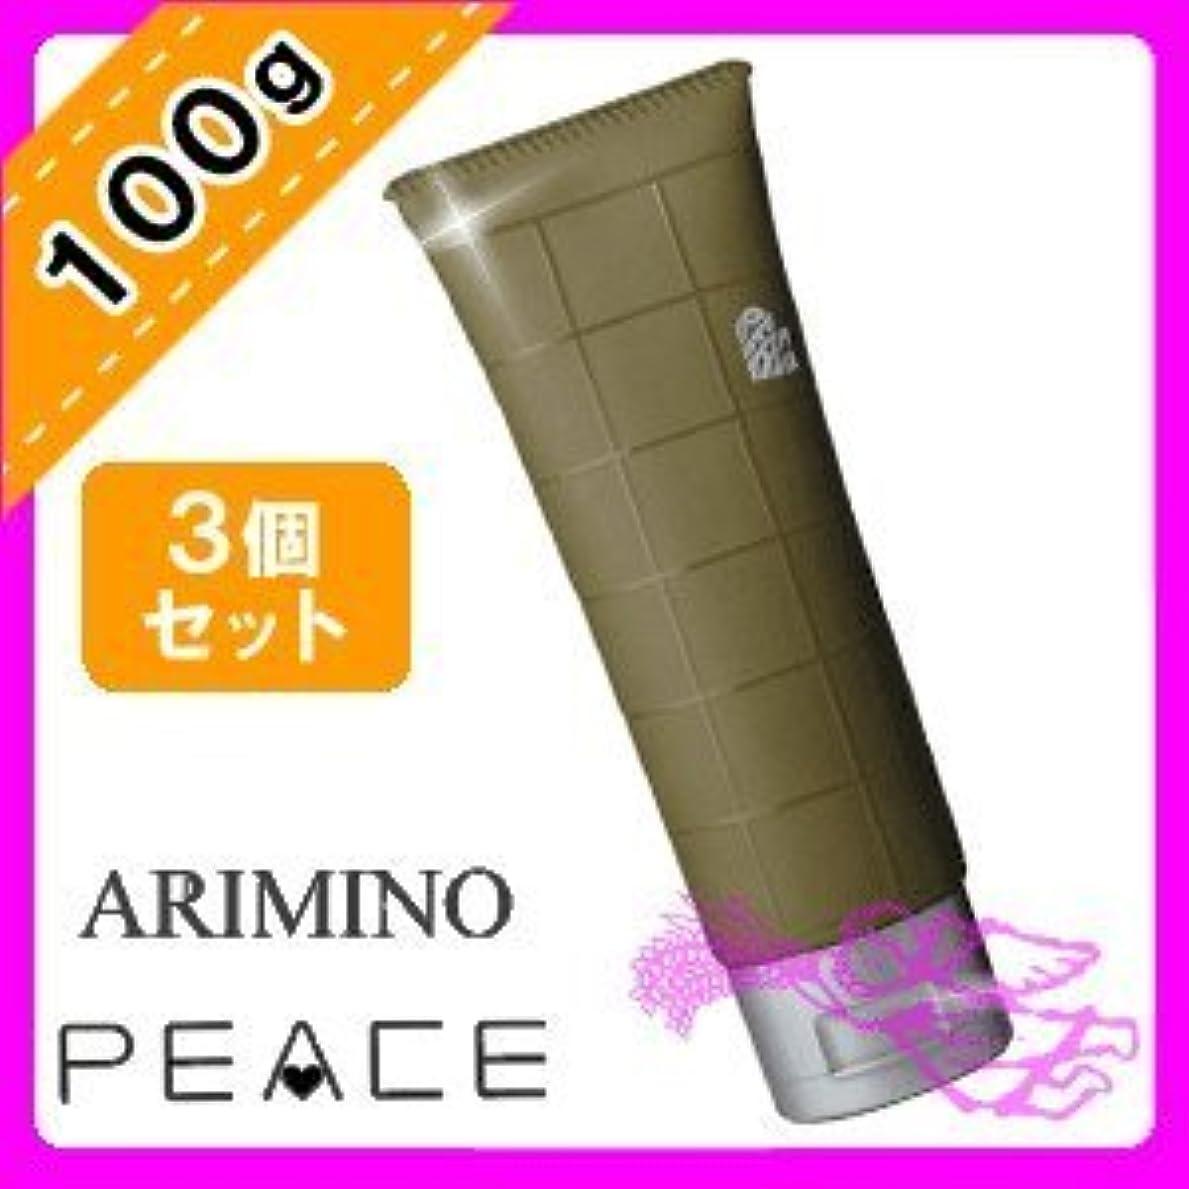 アリミノ ピース ウェットオイル ワックス 100g ×3個セット arimino PEACE